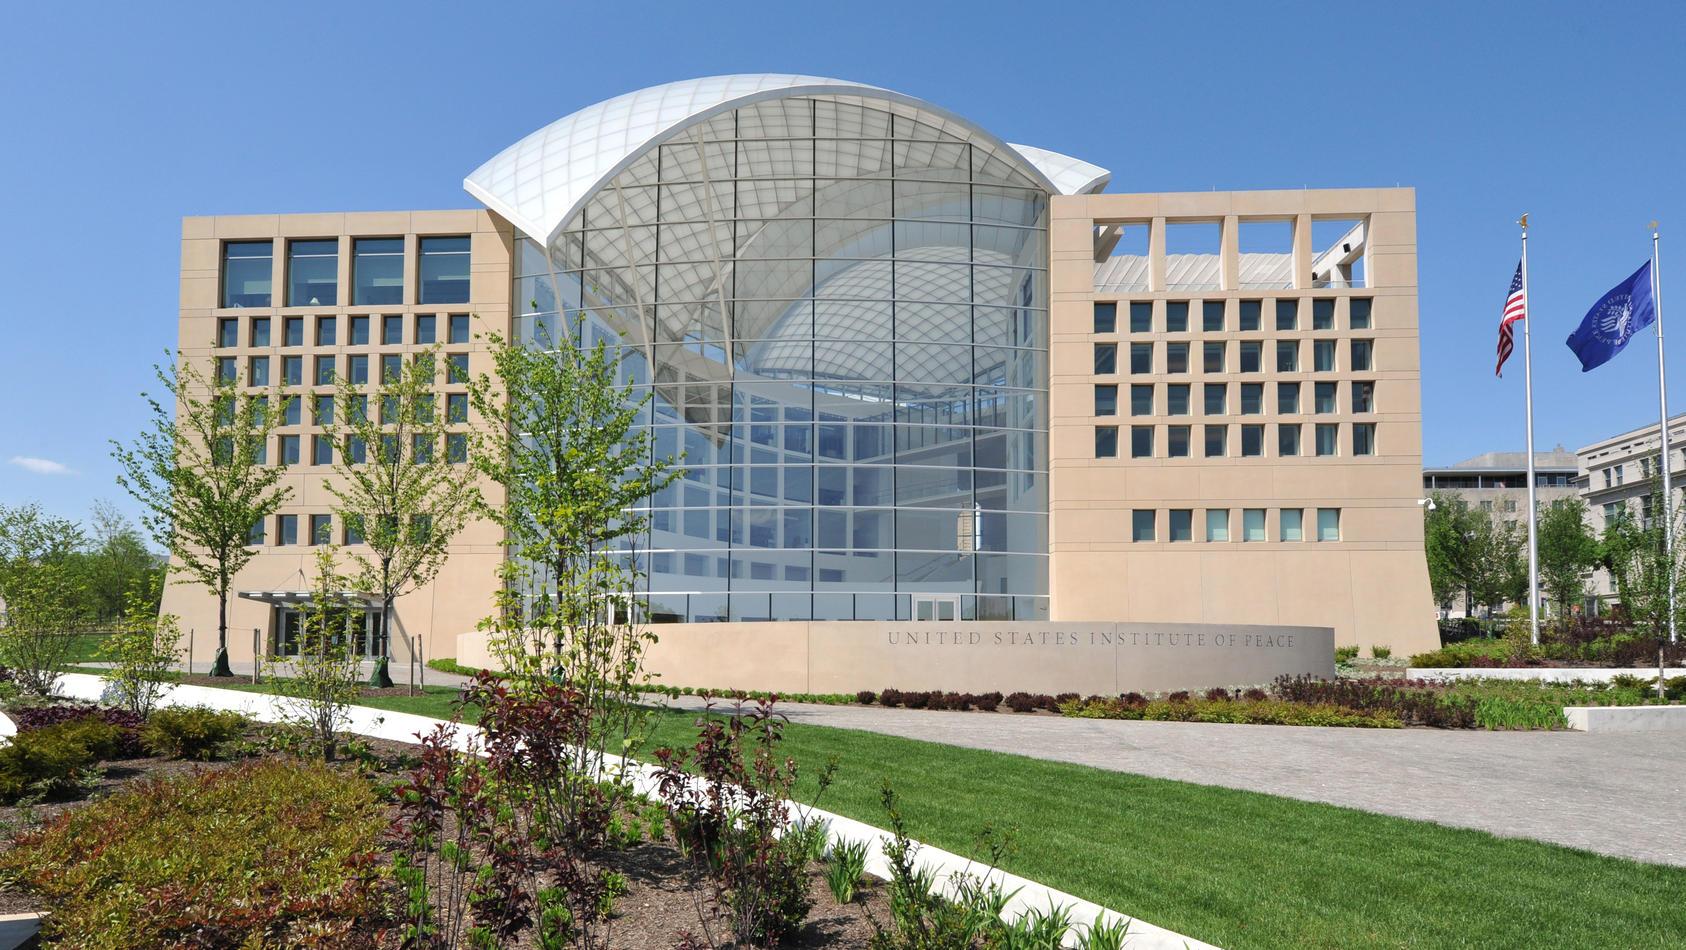 معهد الولايات المتحدة للسلام